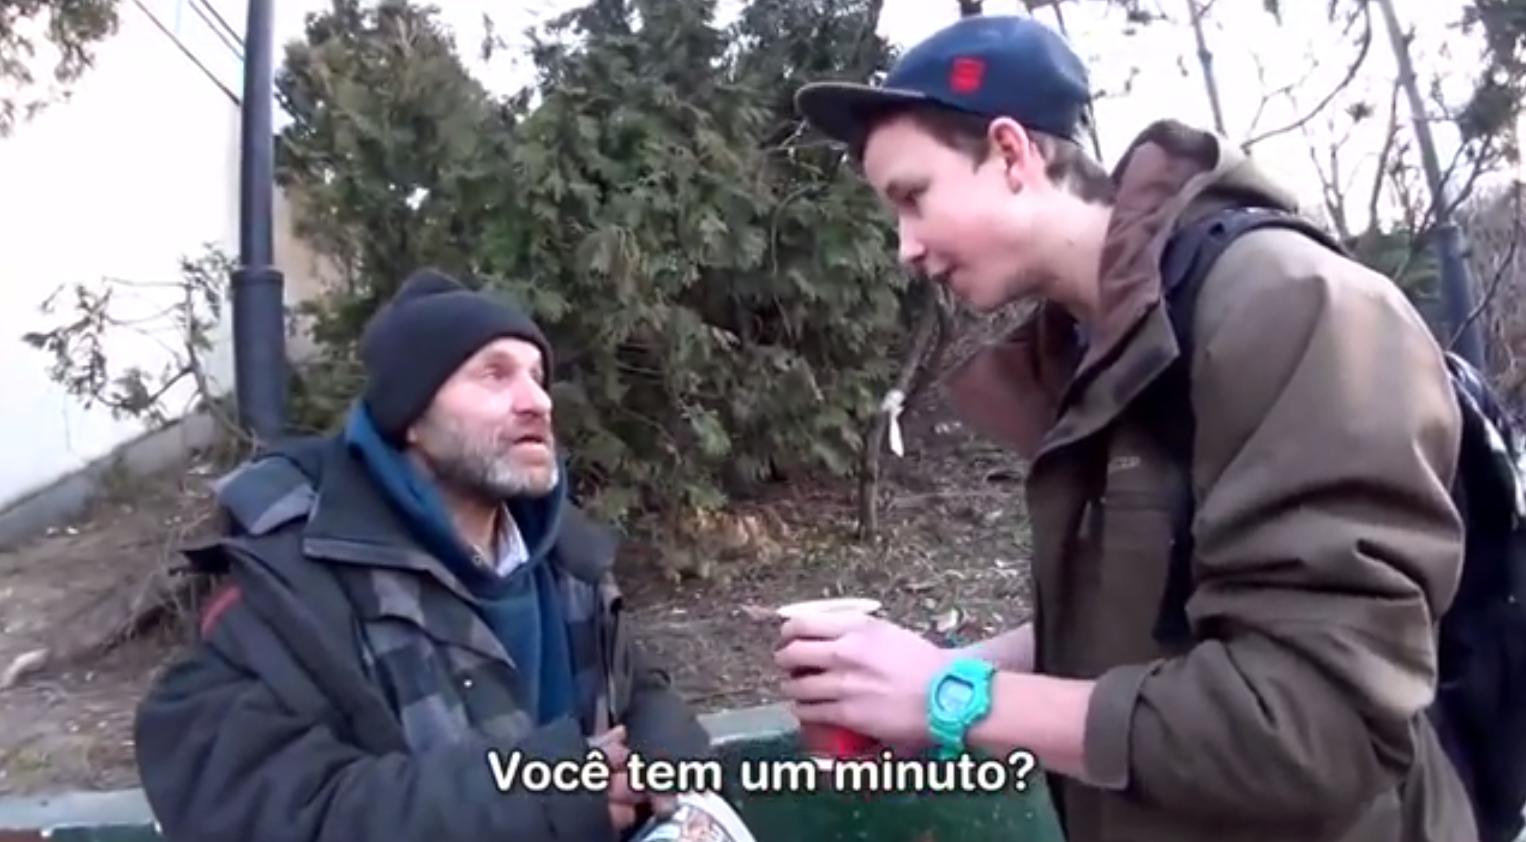 Mágico transforma café em moedas e faz morador de rua chorar 1